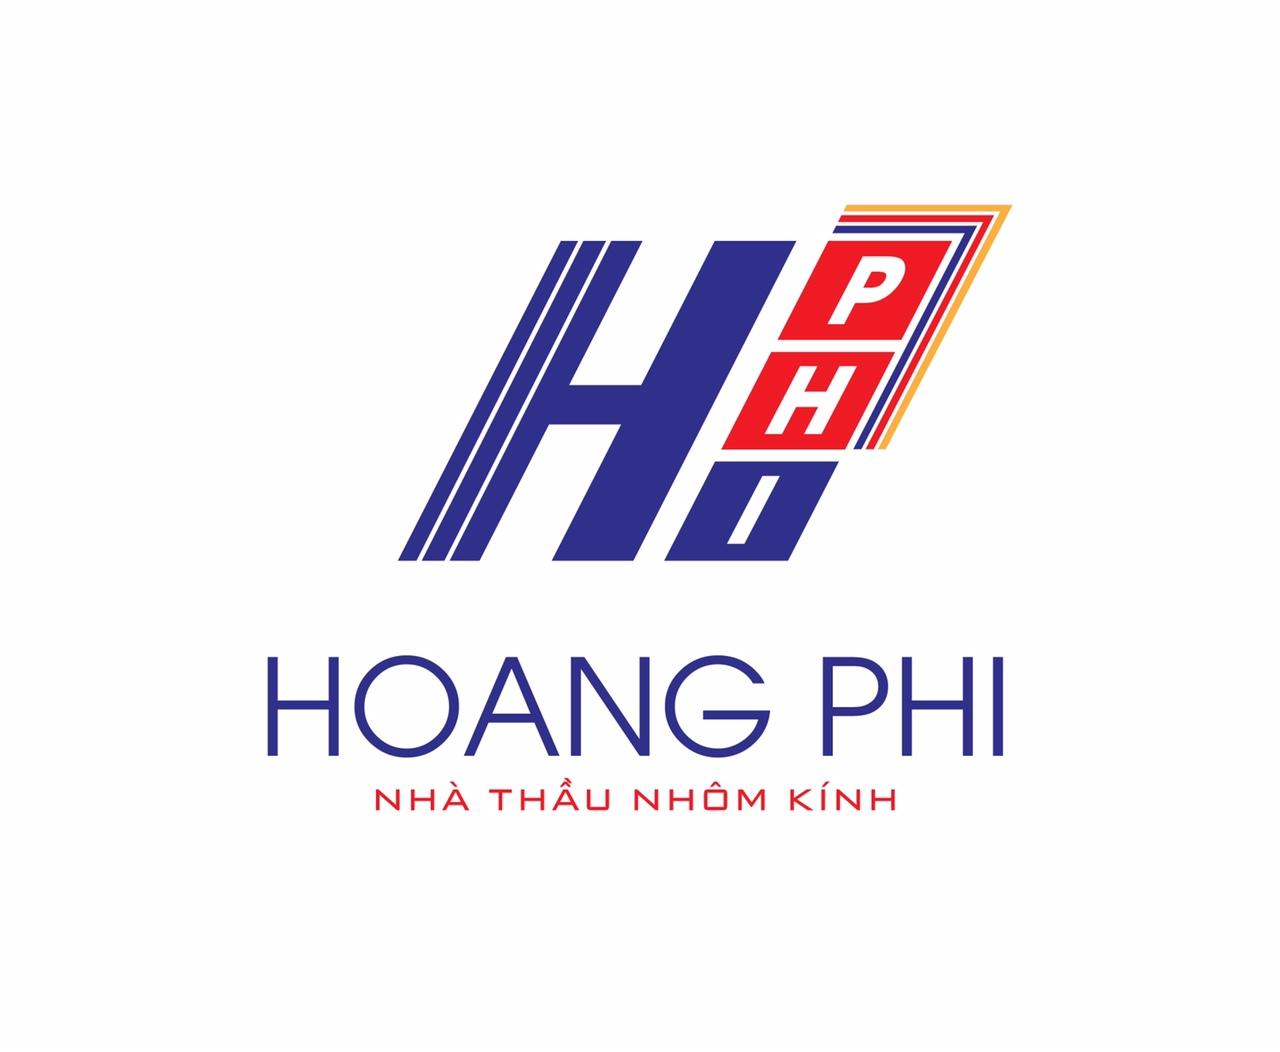 công ty TNHH sản xuất và thương mại dịch vụ Hoàng Phi